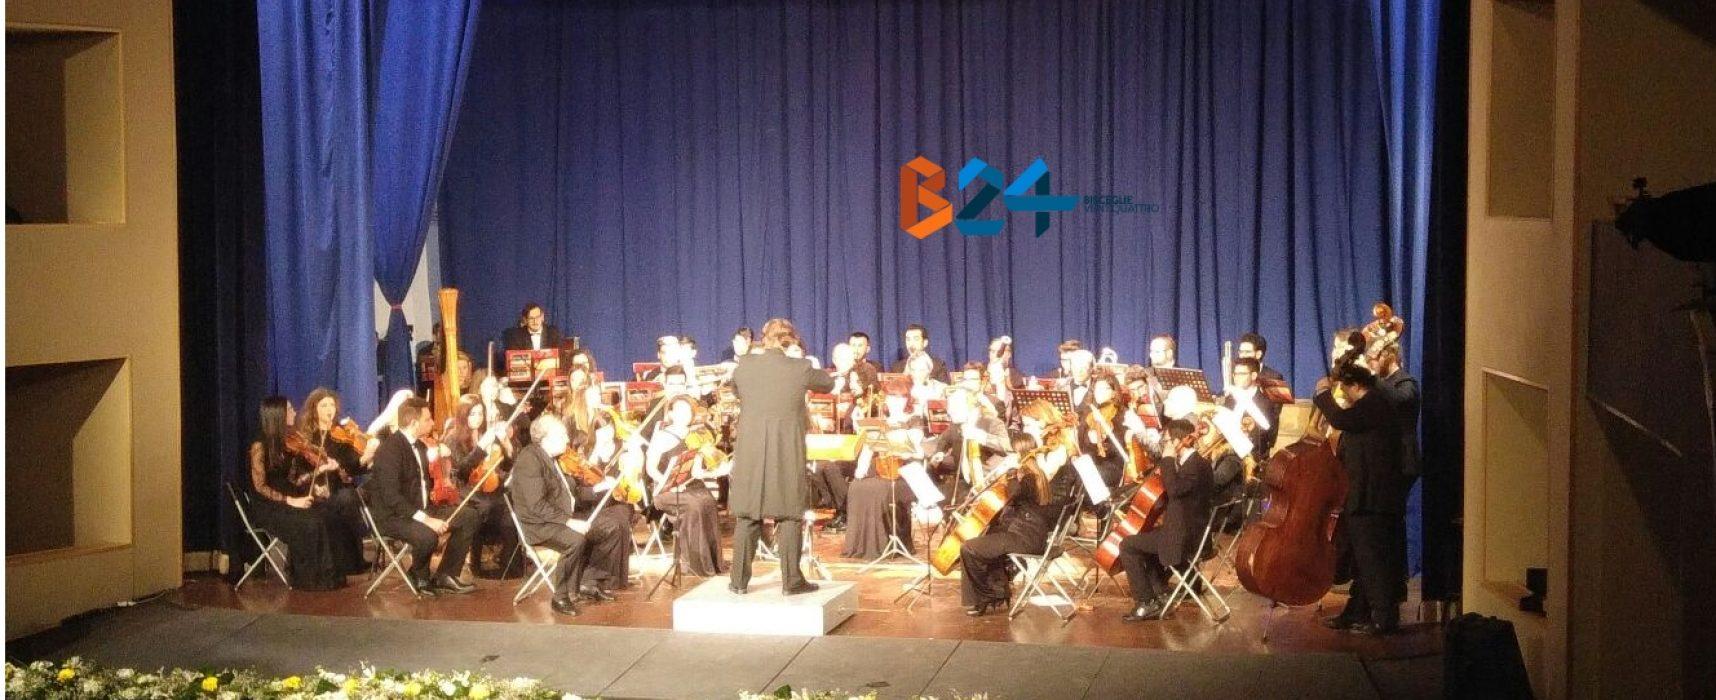 Tradizionale concerto di marce funebri in piazza Regina Margherita di Savoia